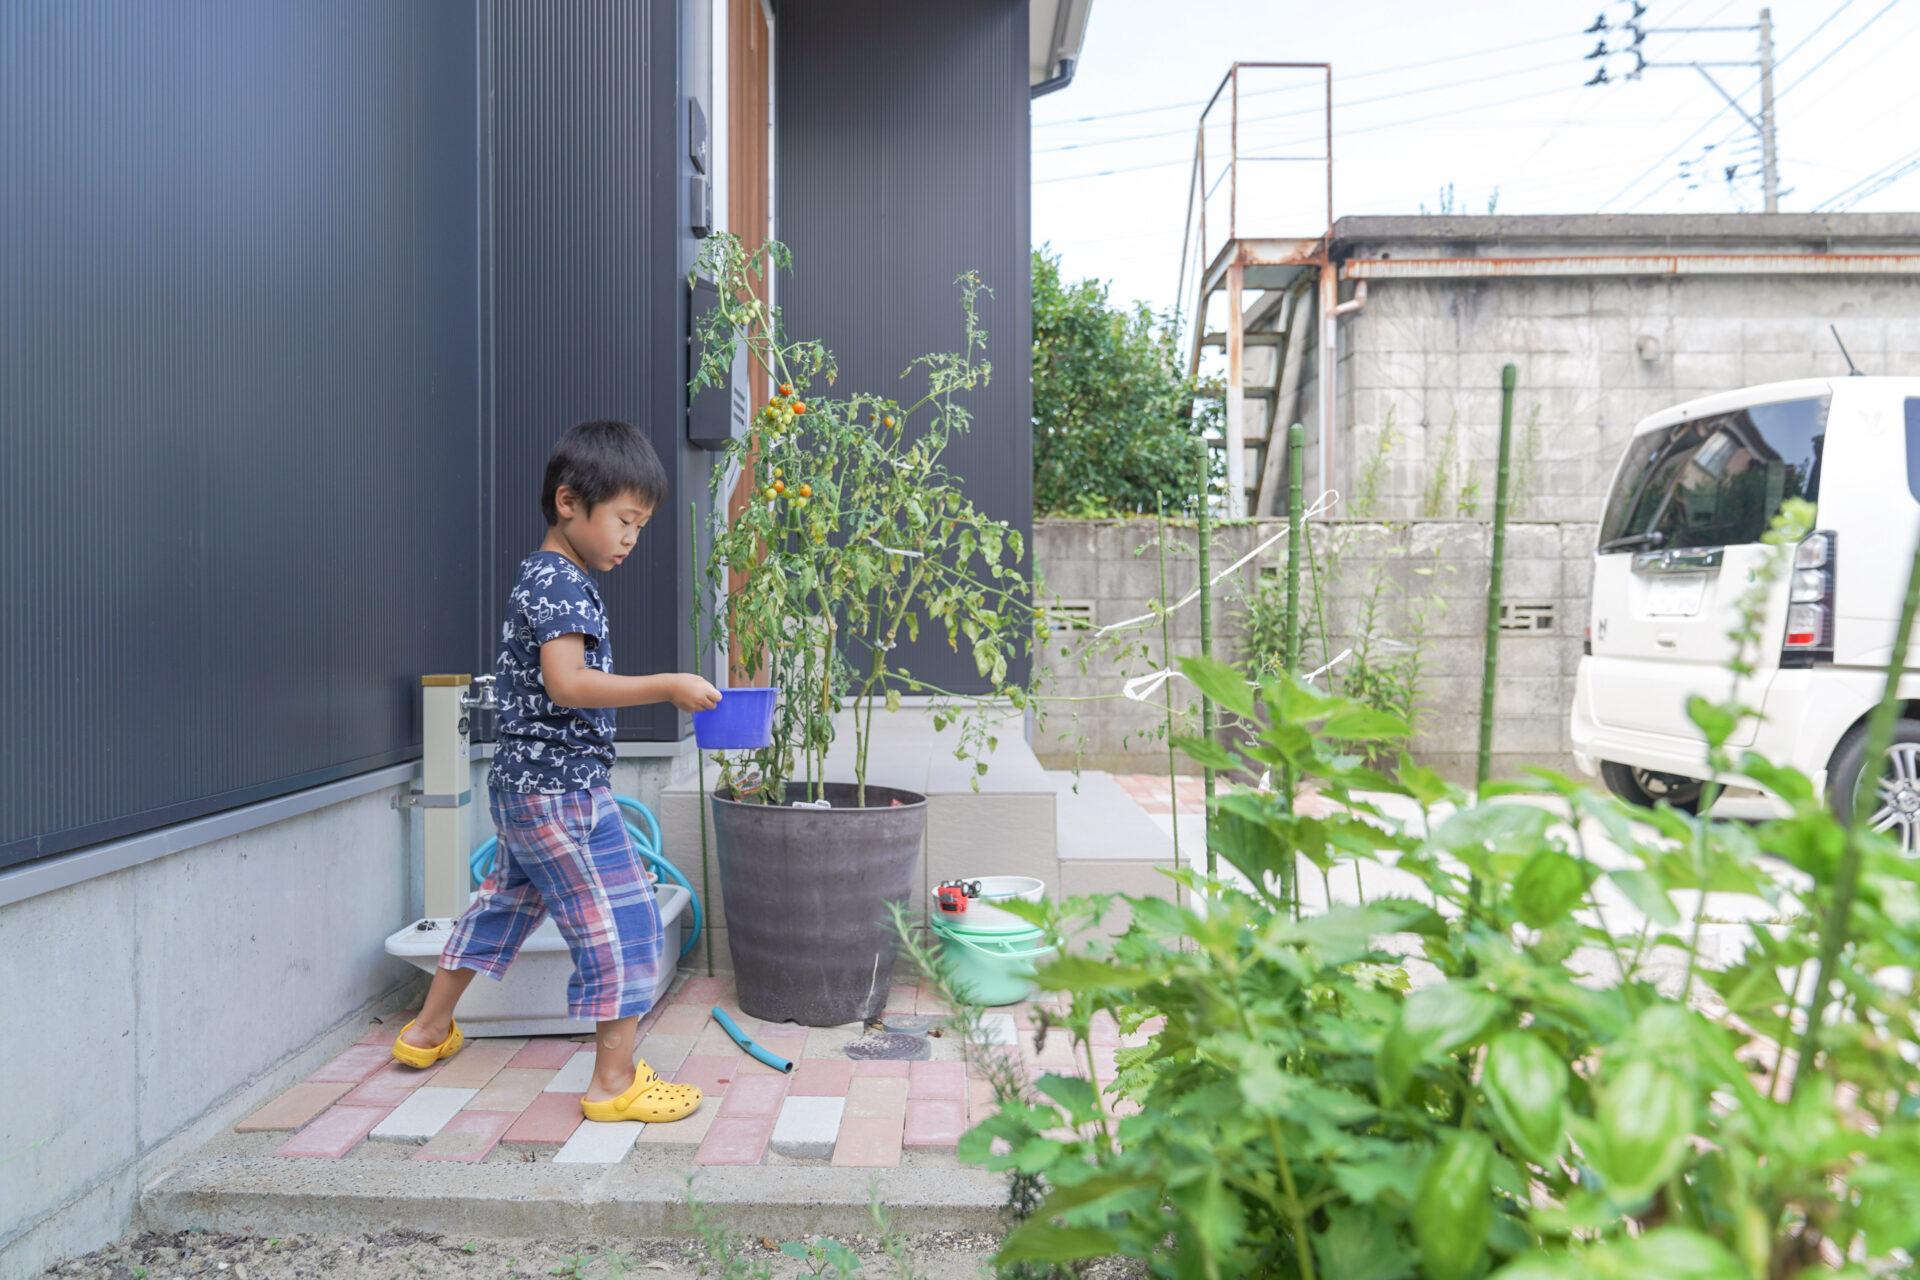 家の前には車3台のスペースのほかに庭も。暑い日は外で水遊びをして遊んでいるそう。